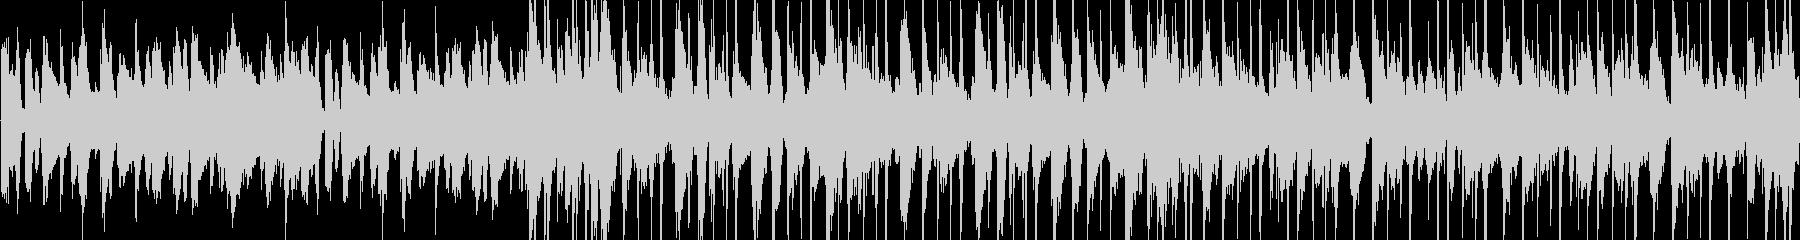 ドラム+ピアノのジャズ風BGMの未再生の波形